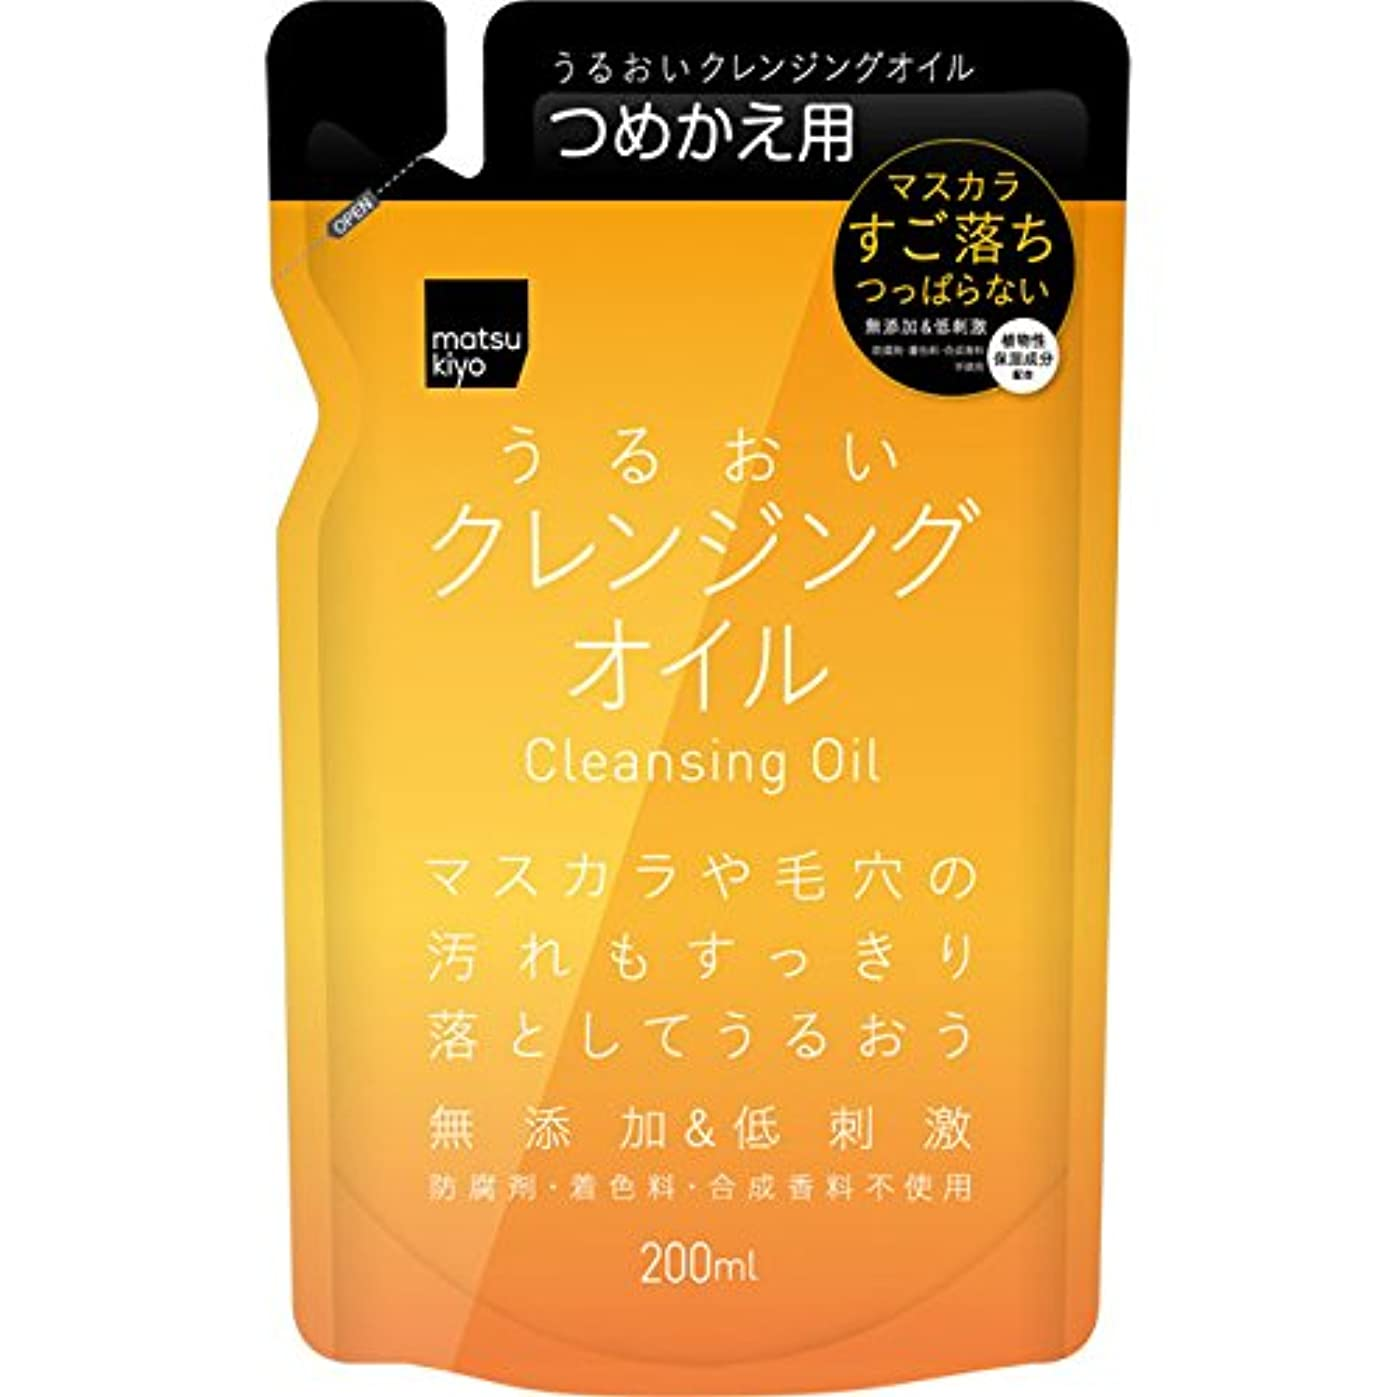 変化する建てる秘密の熊野油脂 matsukiyo うるおいクレンジングオイル 詰替 200ml詰替